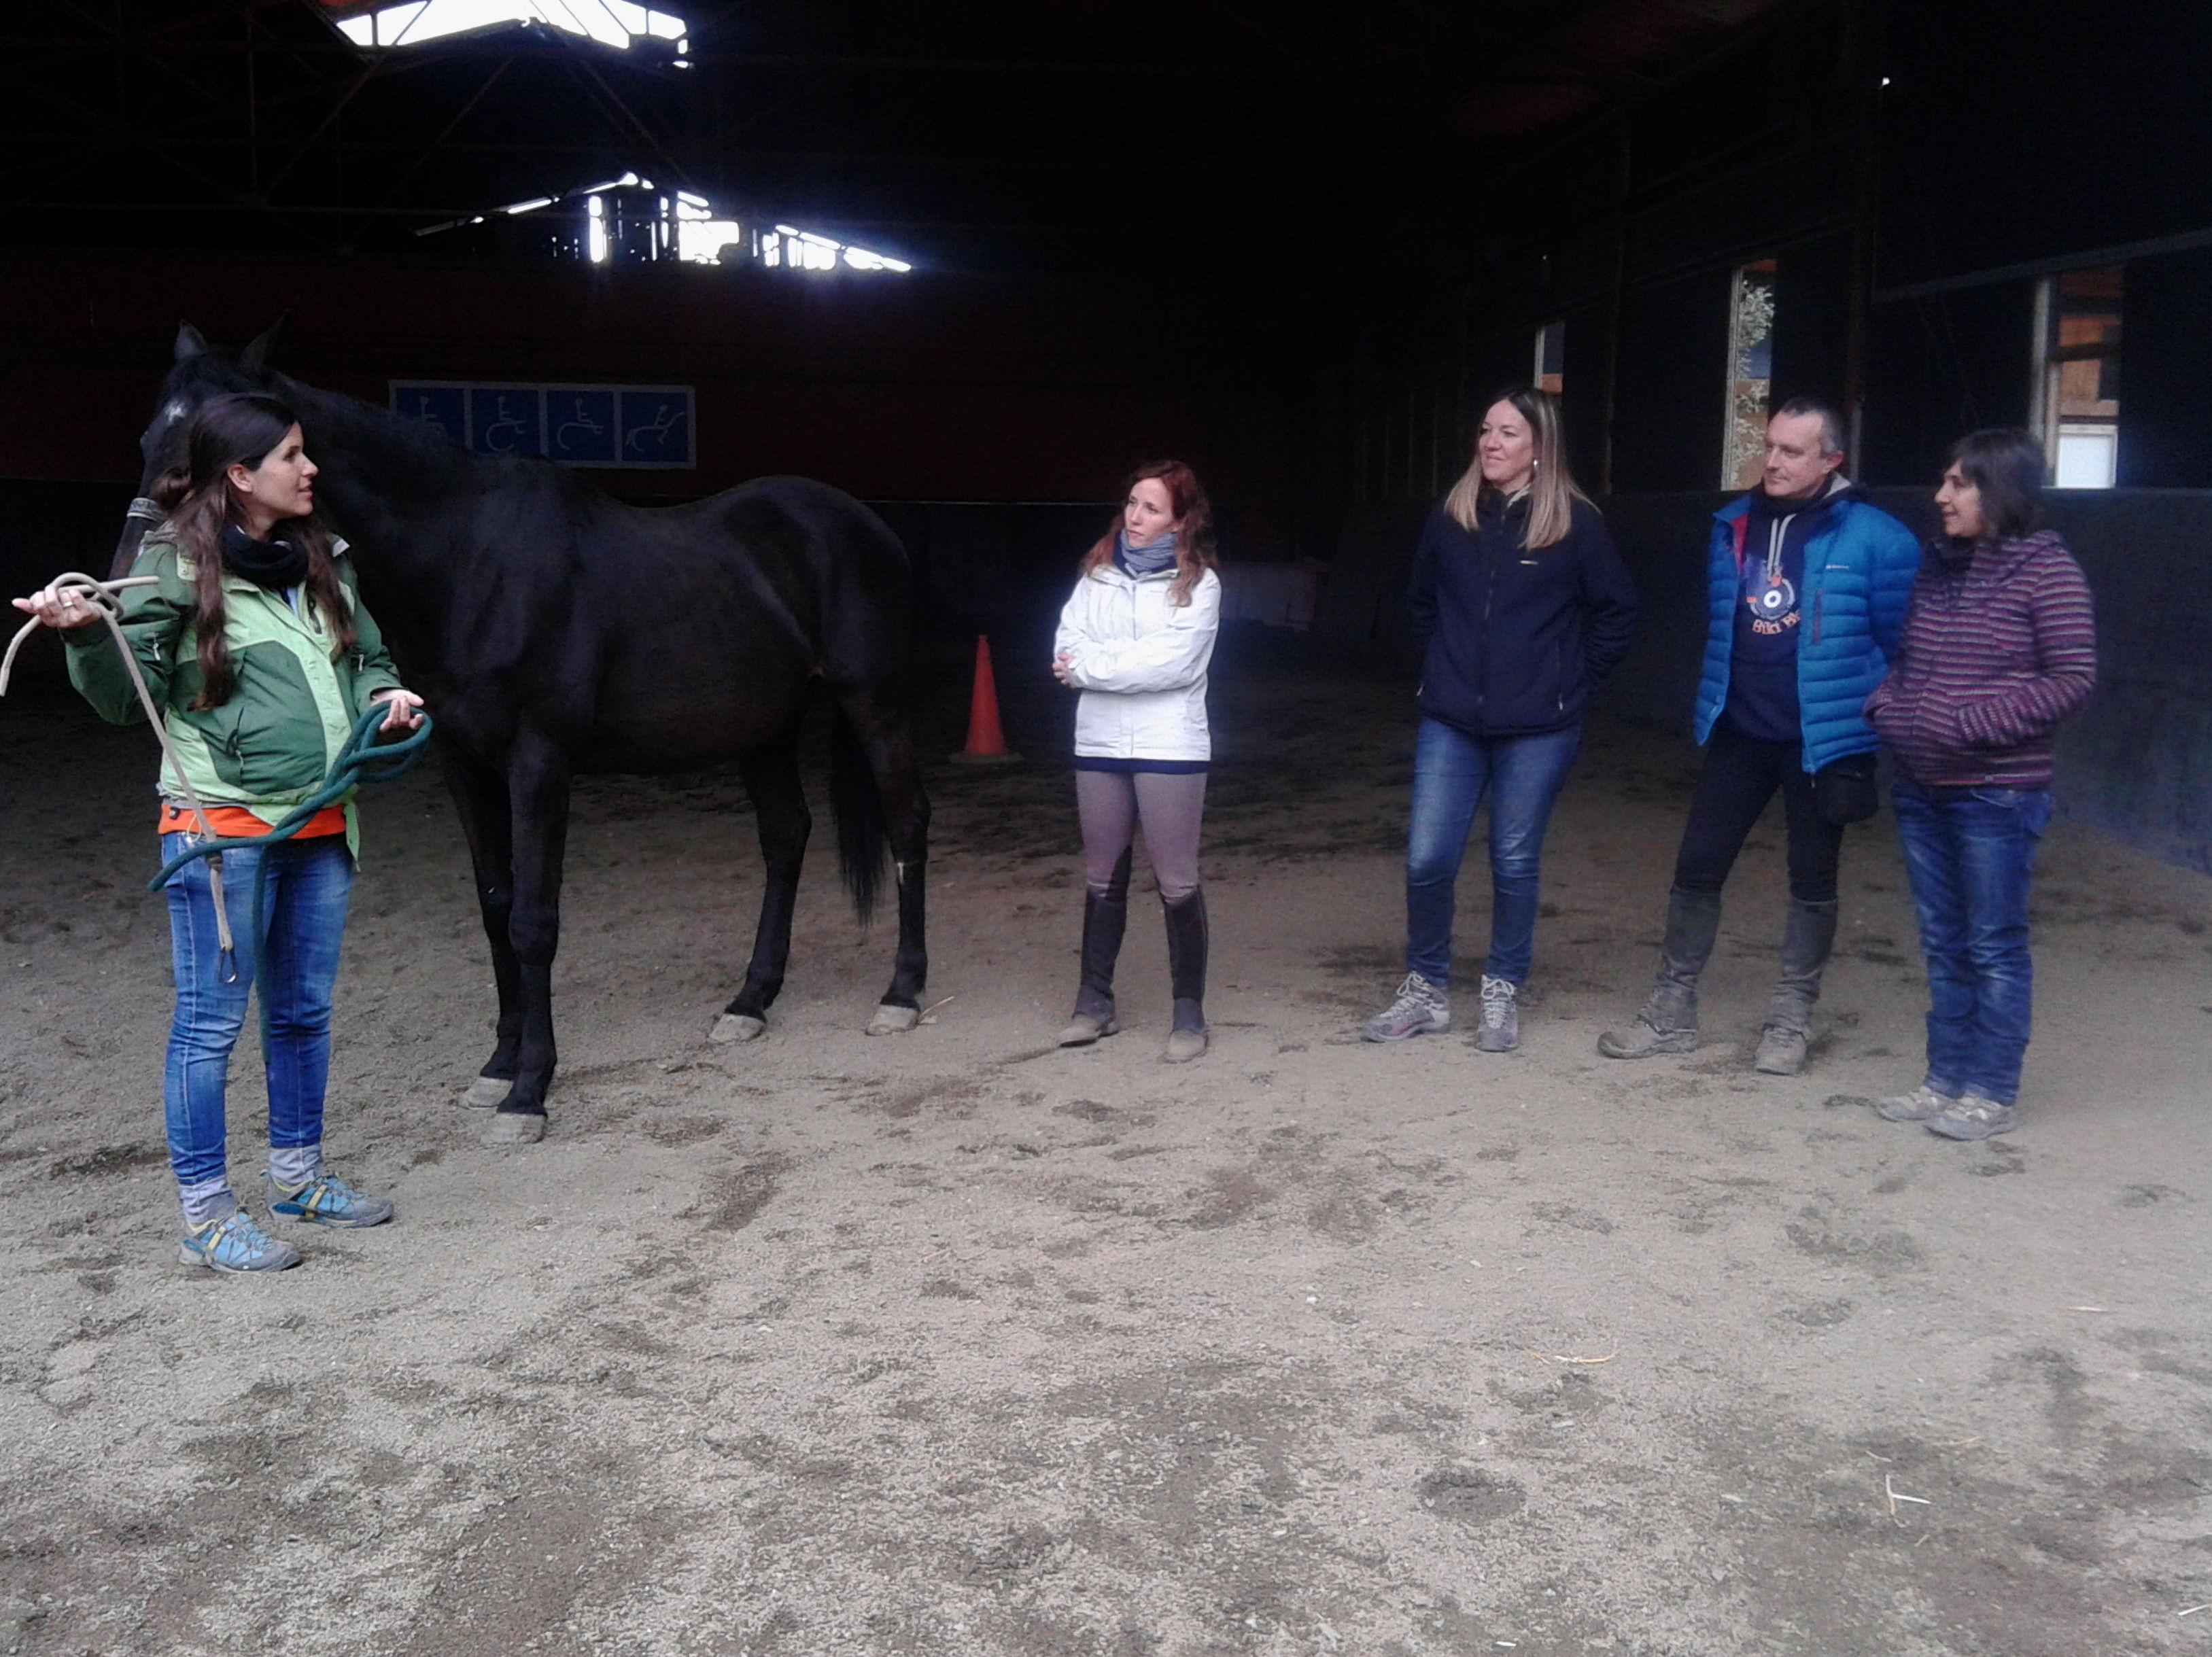 Foto 11 de Centro de equitación y equinoterapia en Labiano | Centro de Equitación y Equinoterapia Biki Blasco